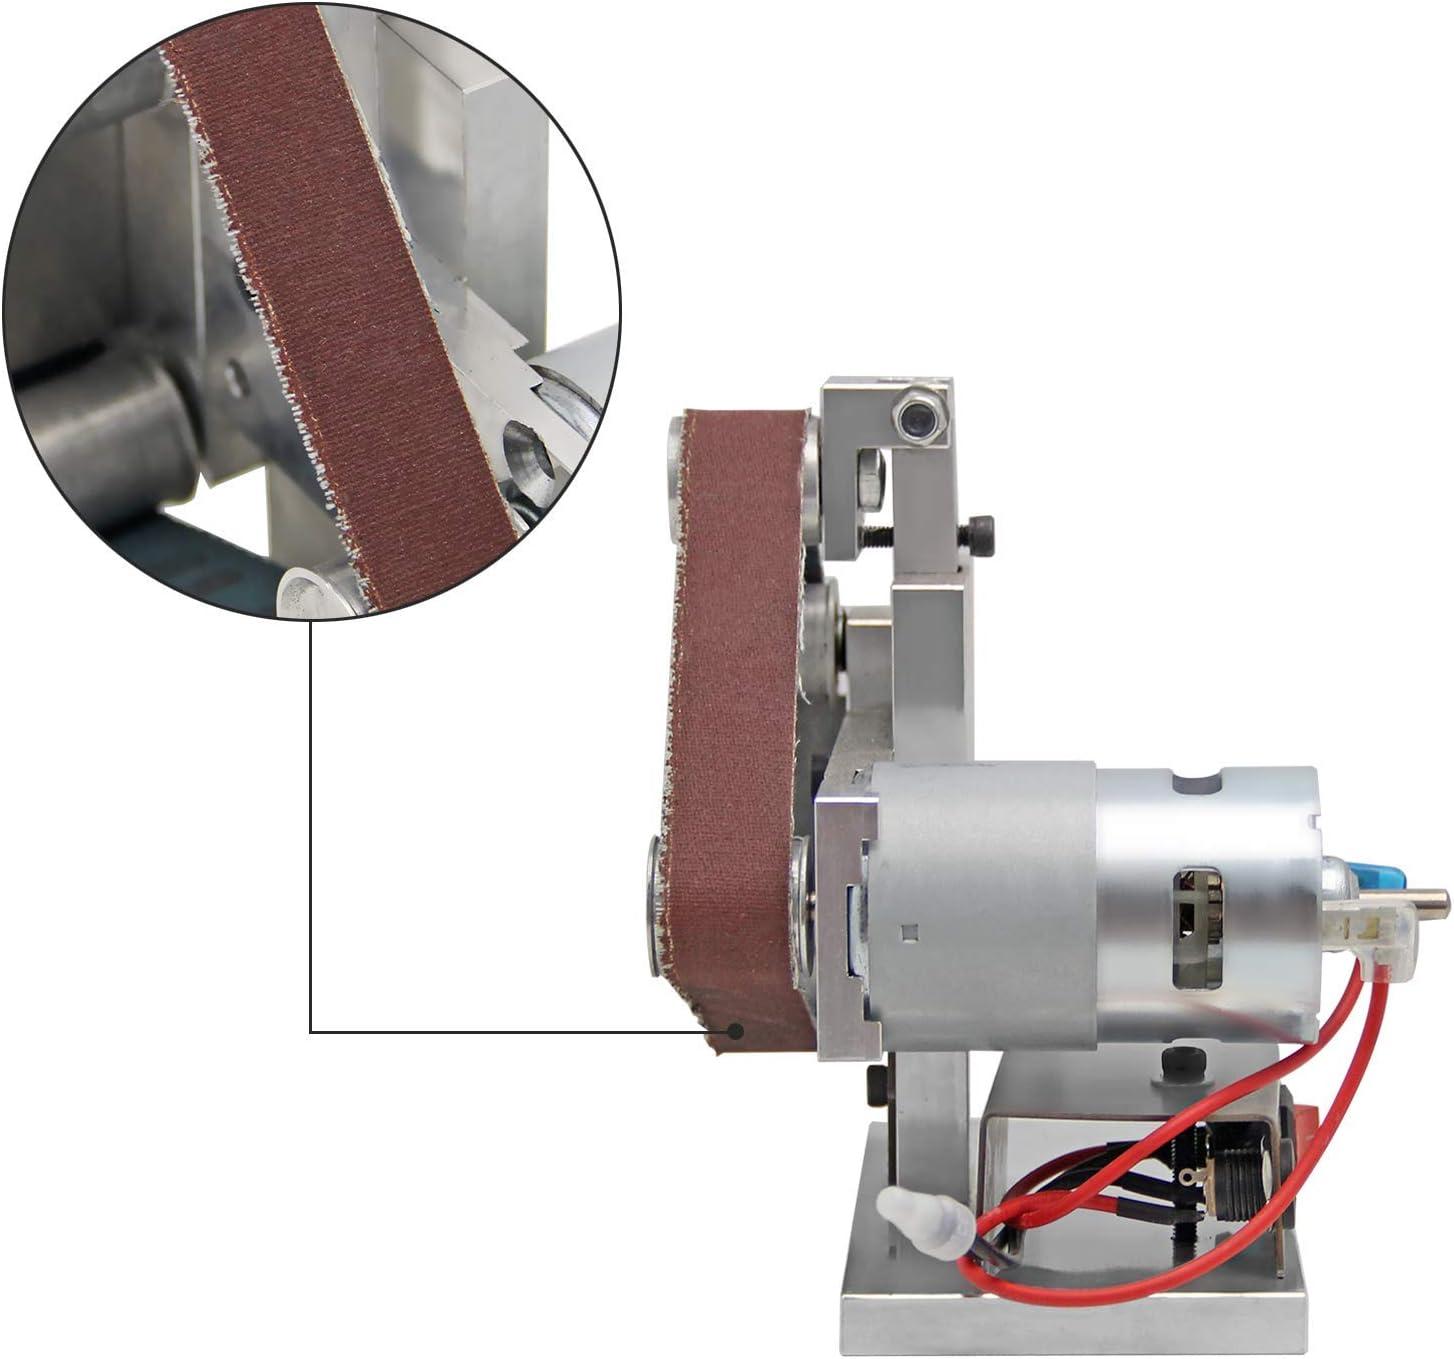 Herramienta de lijadora 120 mesh 740 x 40 mm para pulir madera contrachapada de cuero de tablero de part/ículas 10 piezas de cinta de lijado antiest/ática